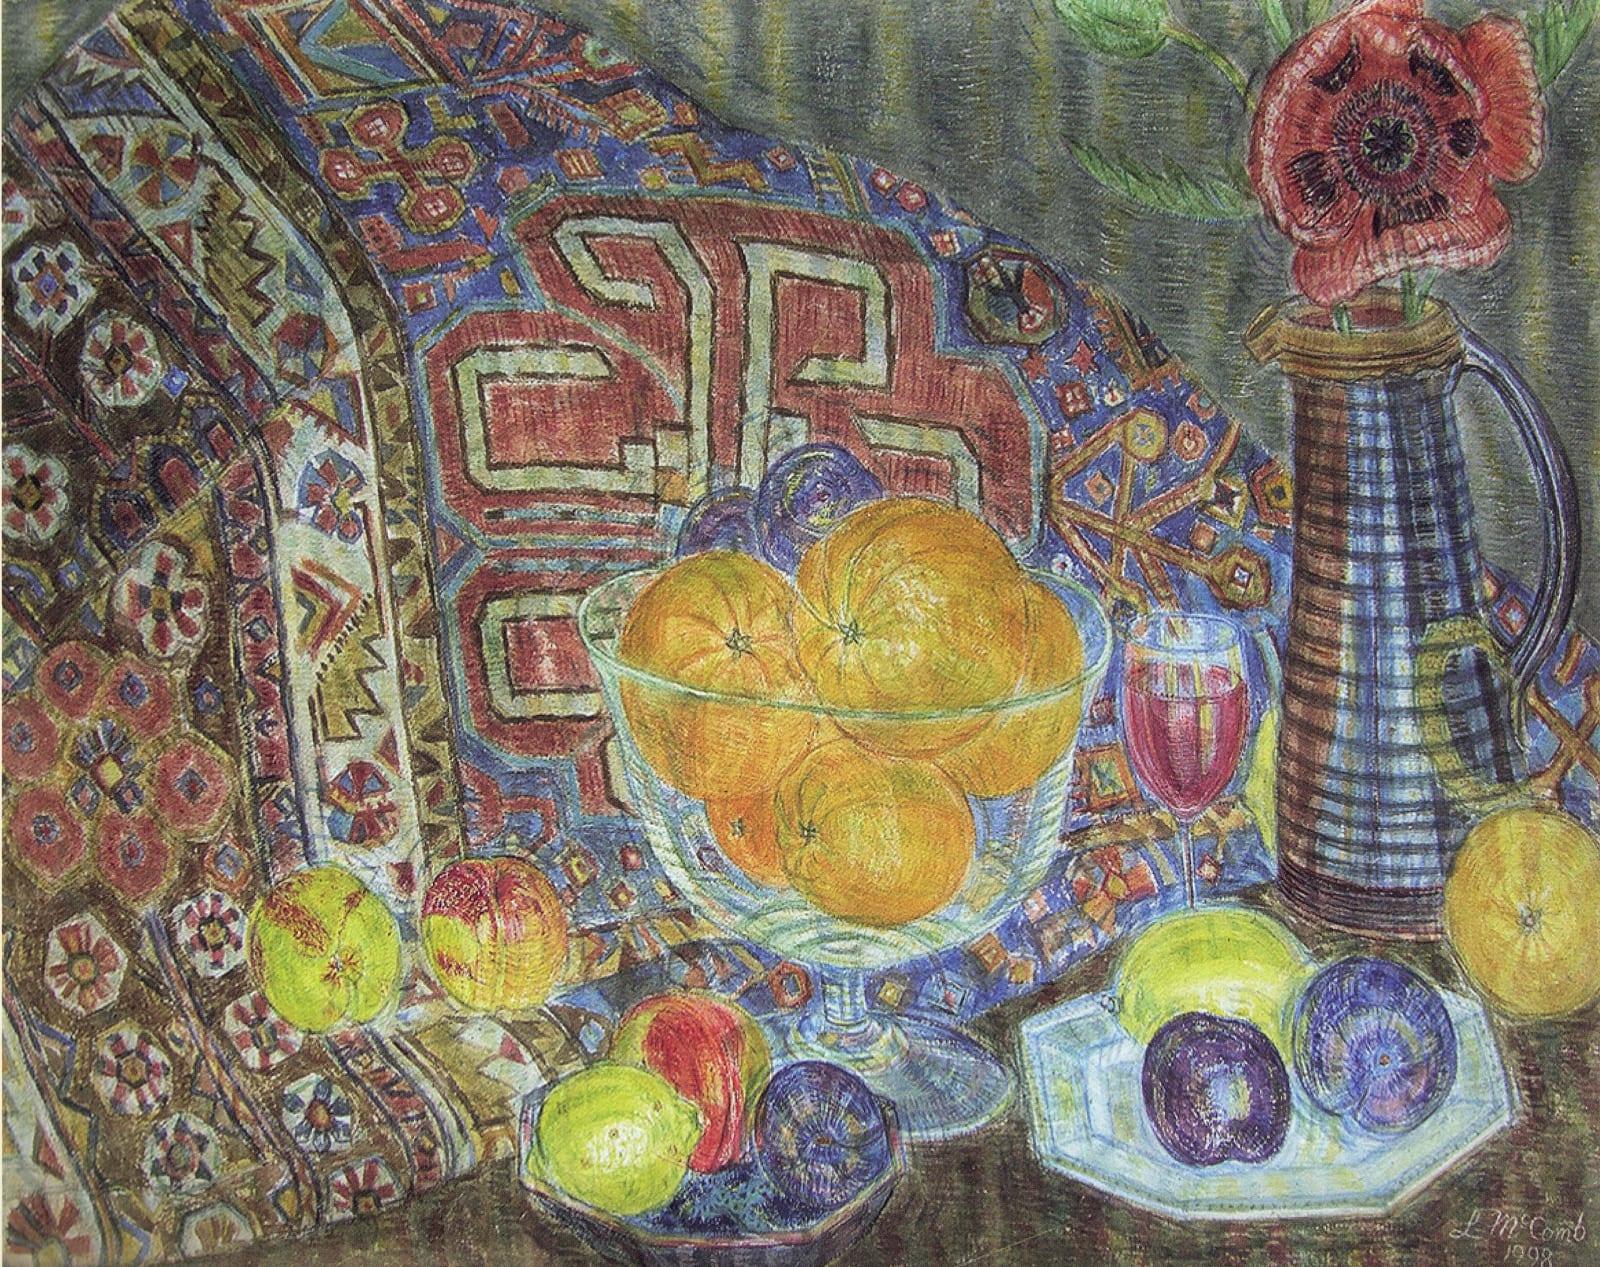 Leonard Mccomb, Still life with Persian rug, 1998